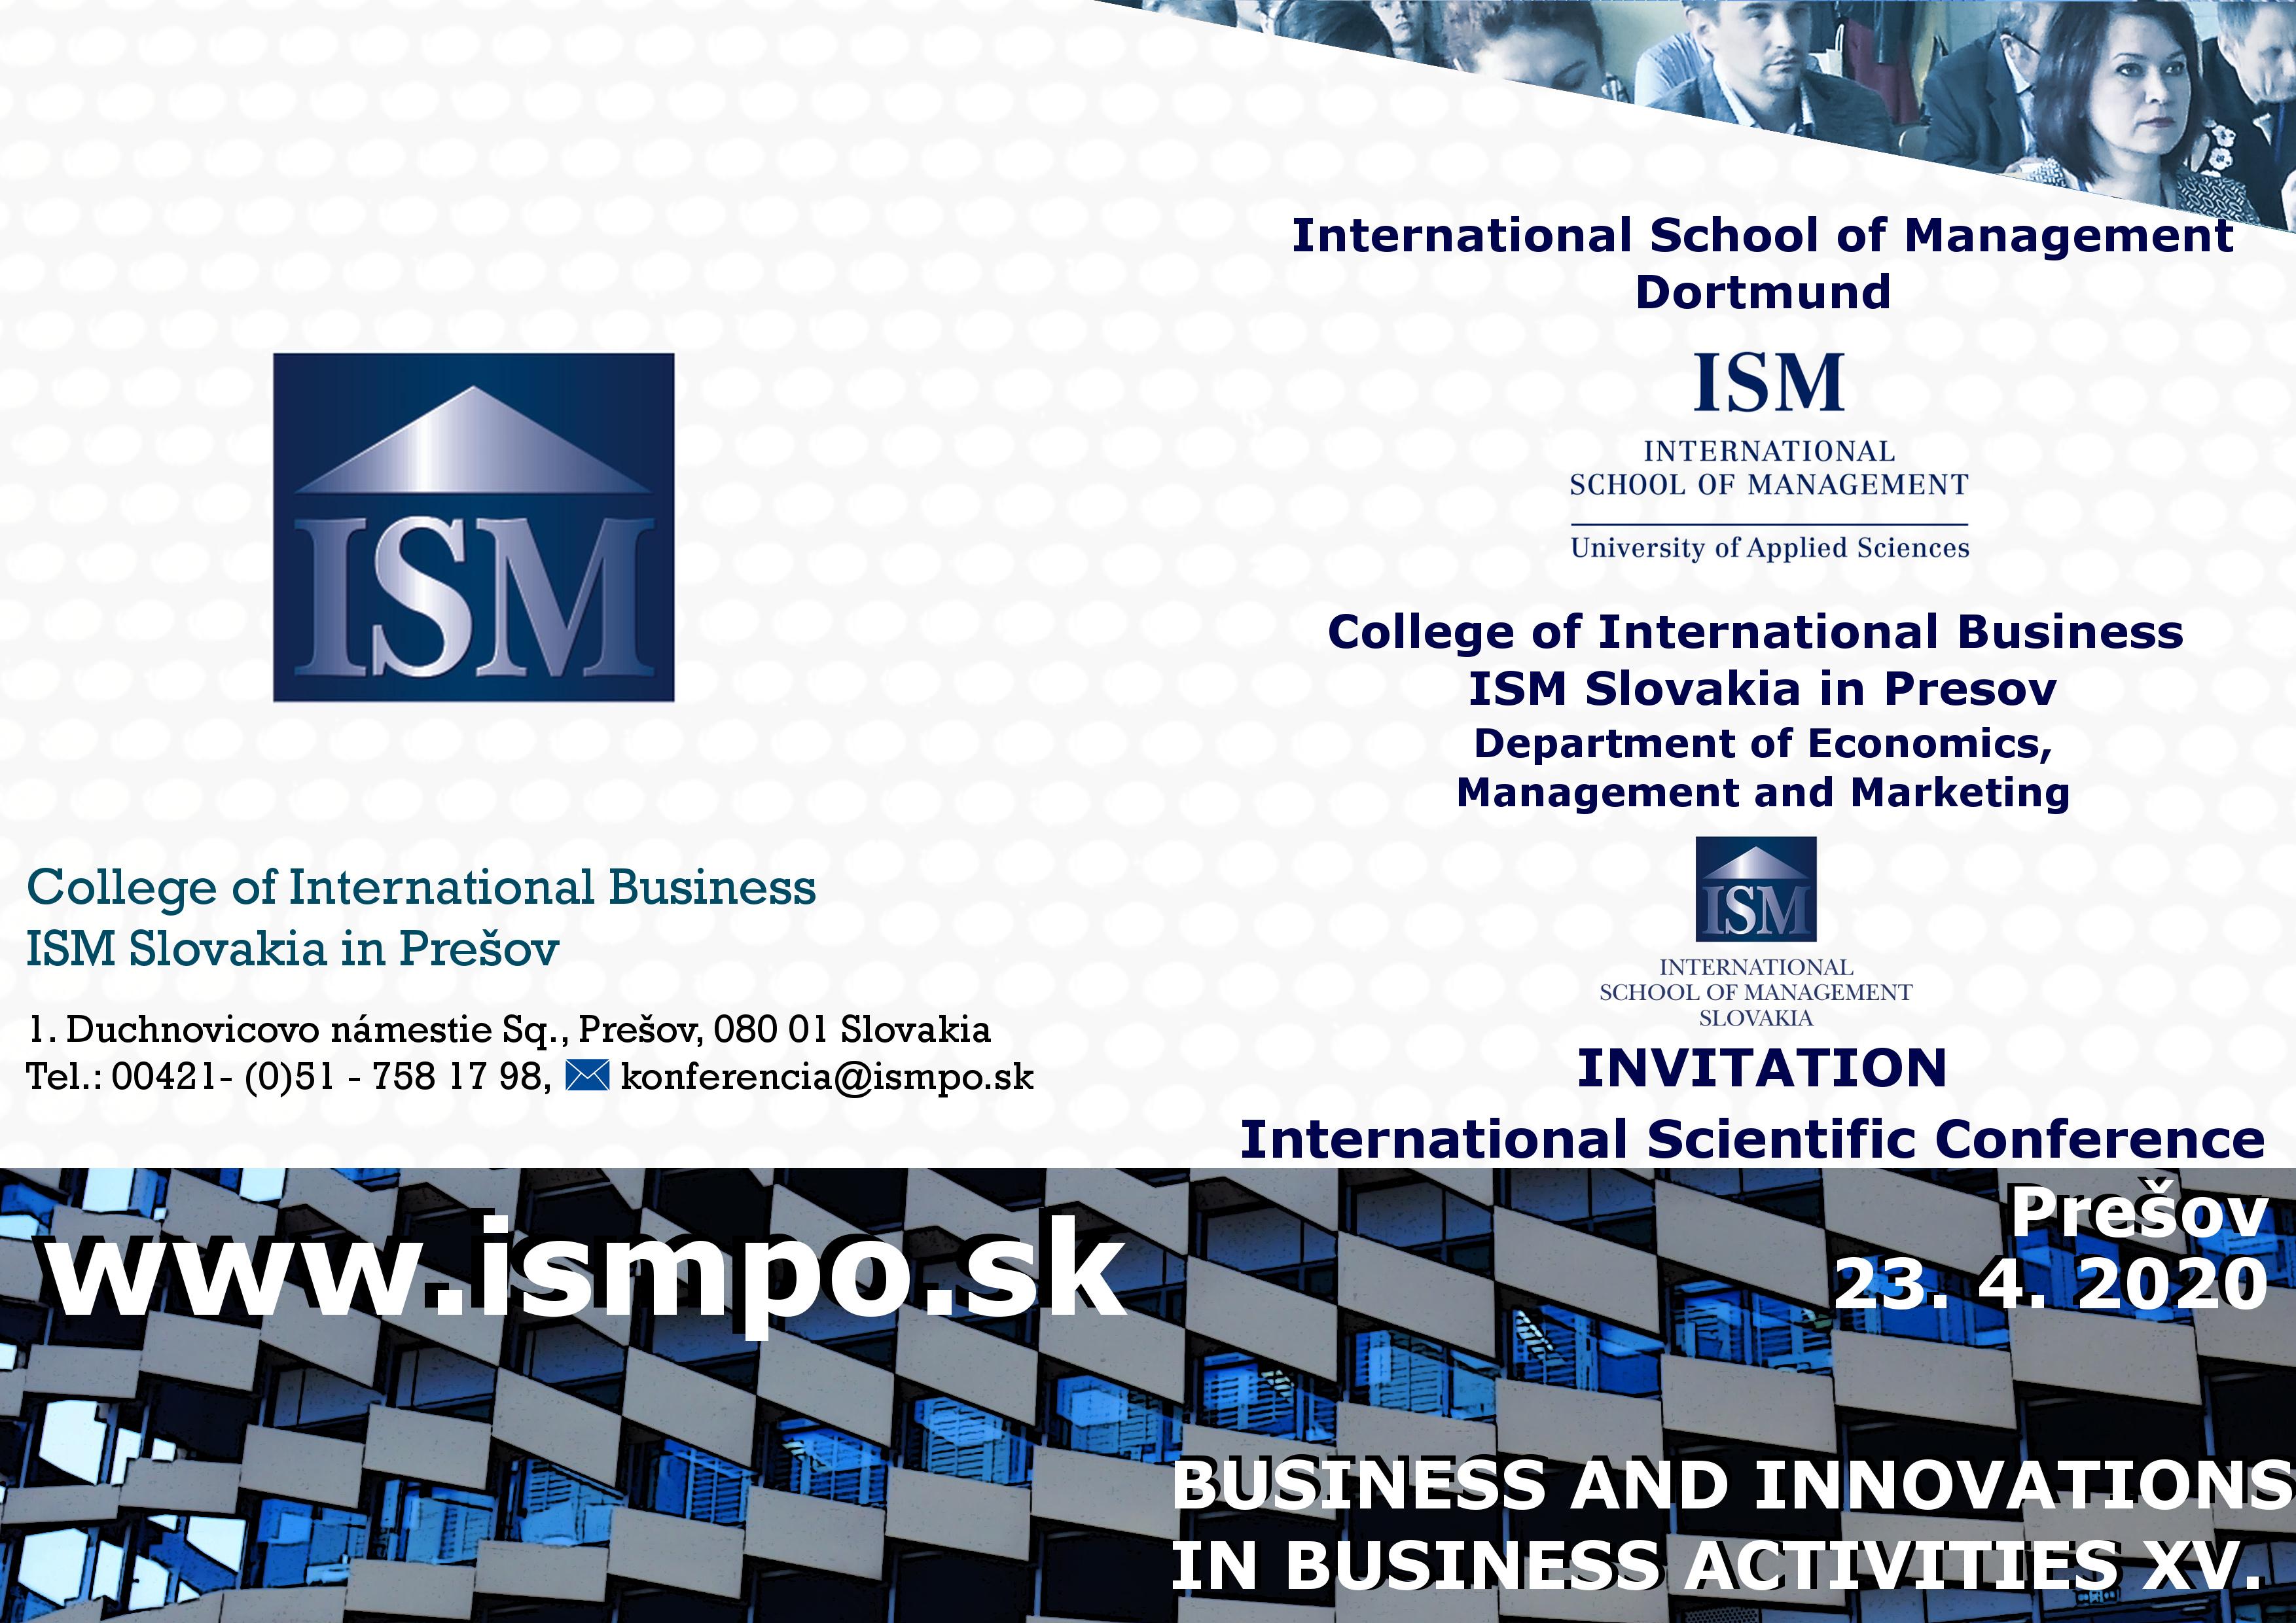 INVITATIONconferencePIPA2020a